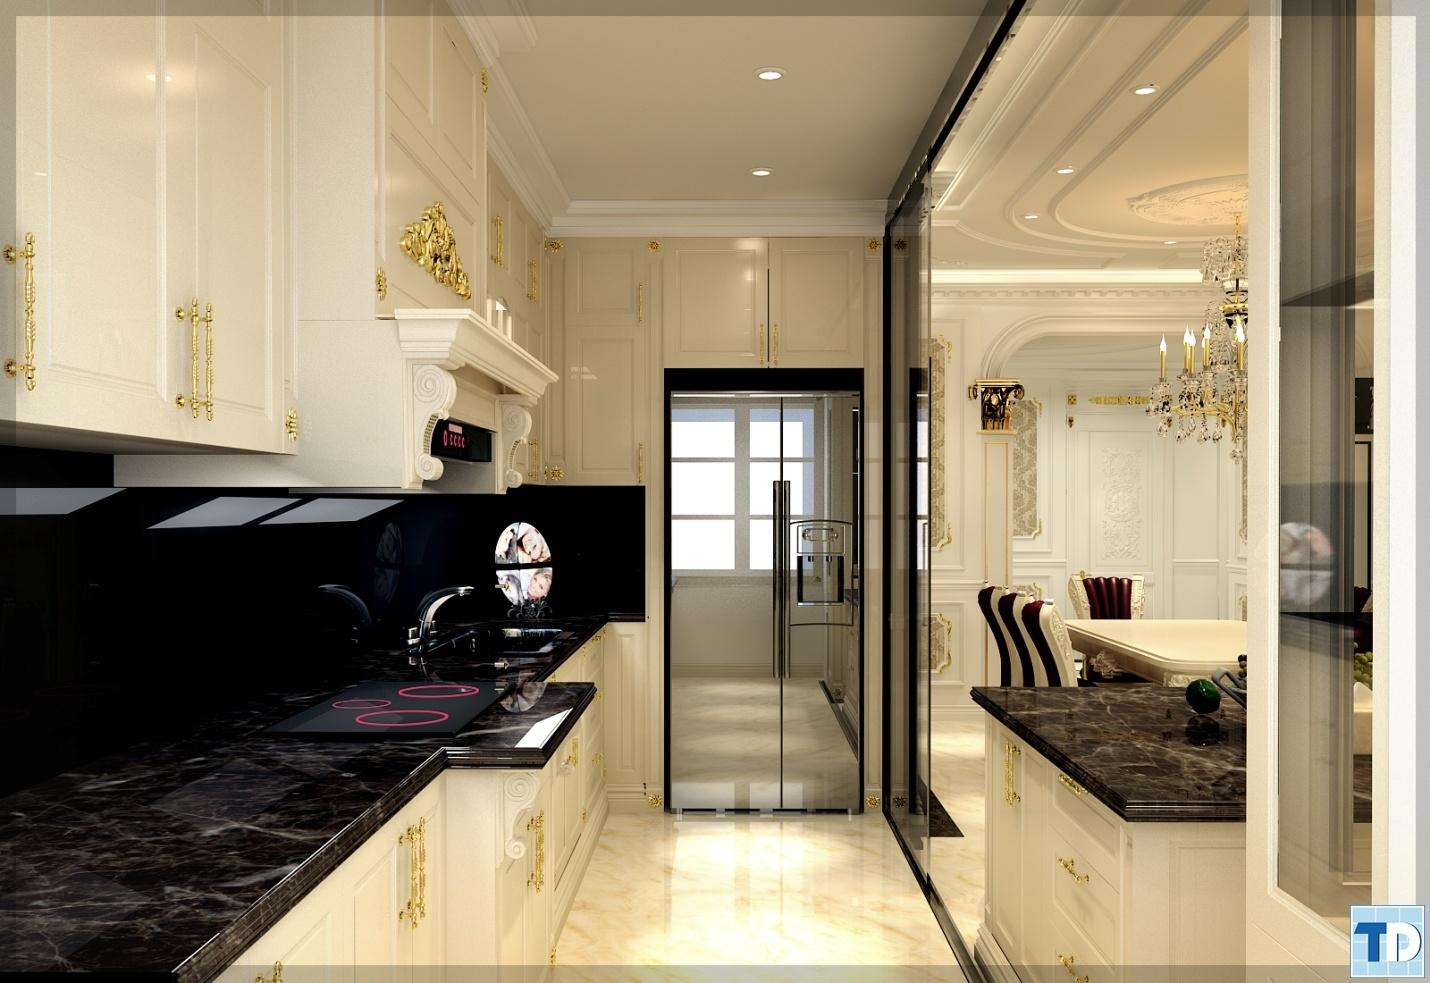 Nội thất tân cổ điển giúp cho ngôi nhà đẹp hơn